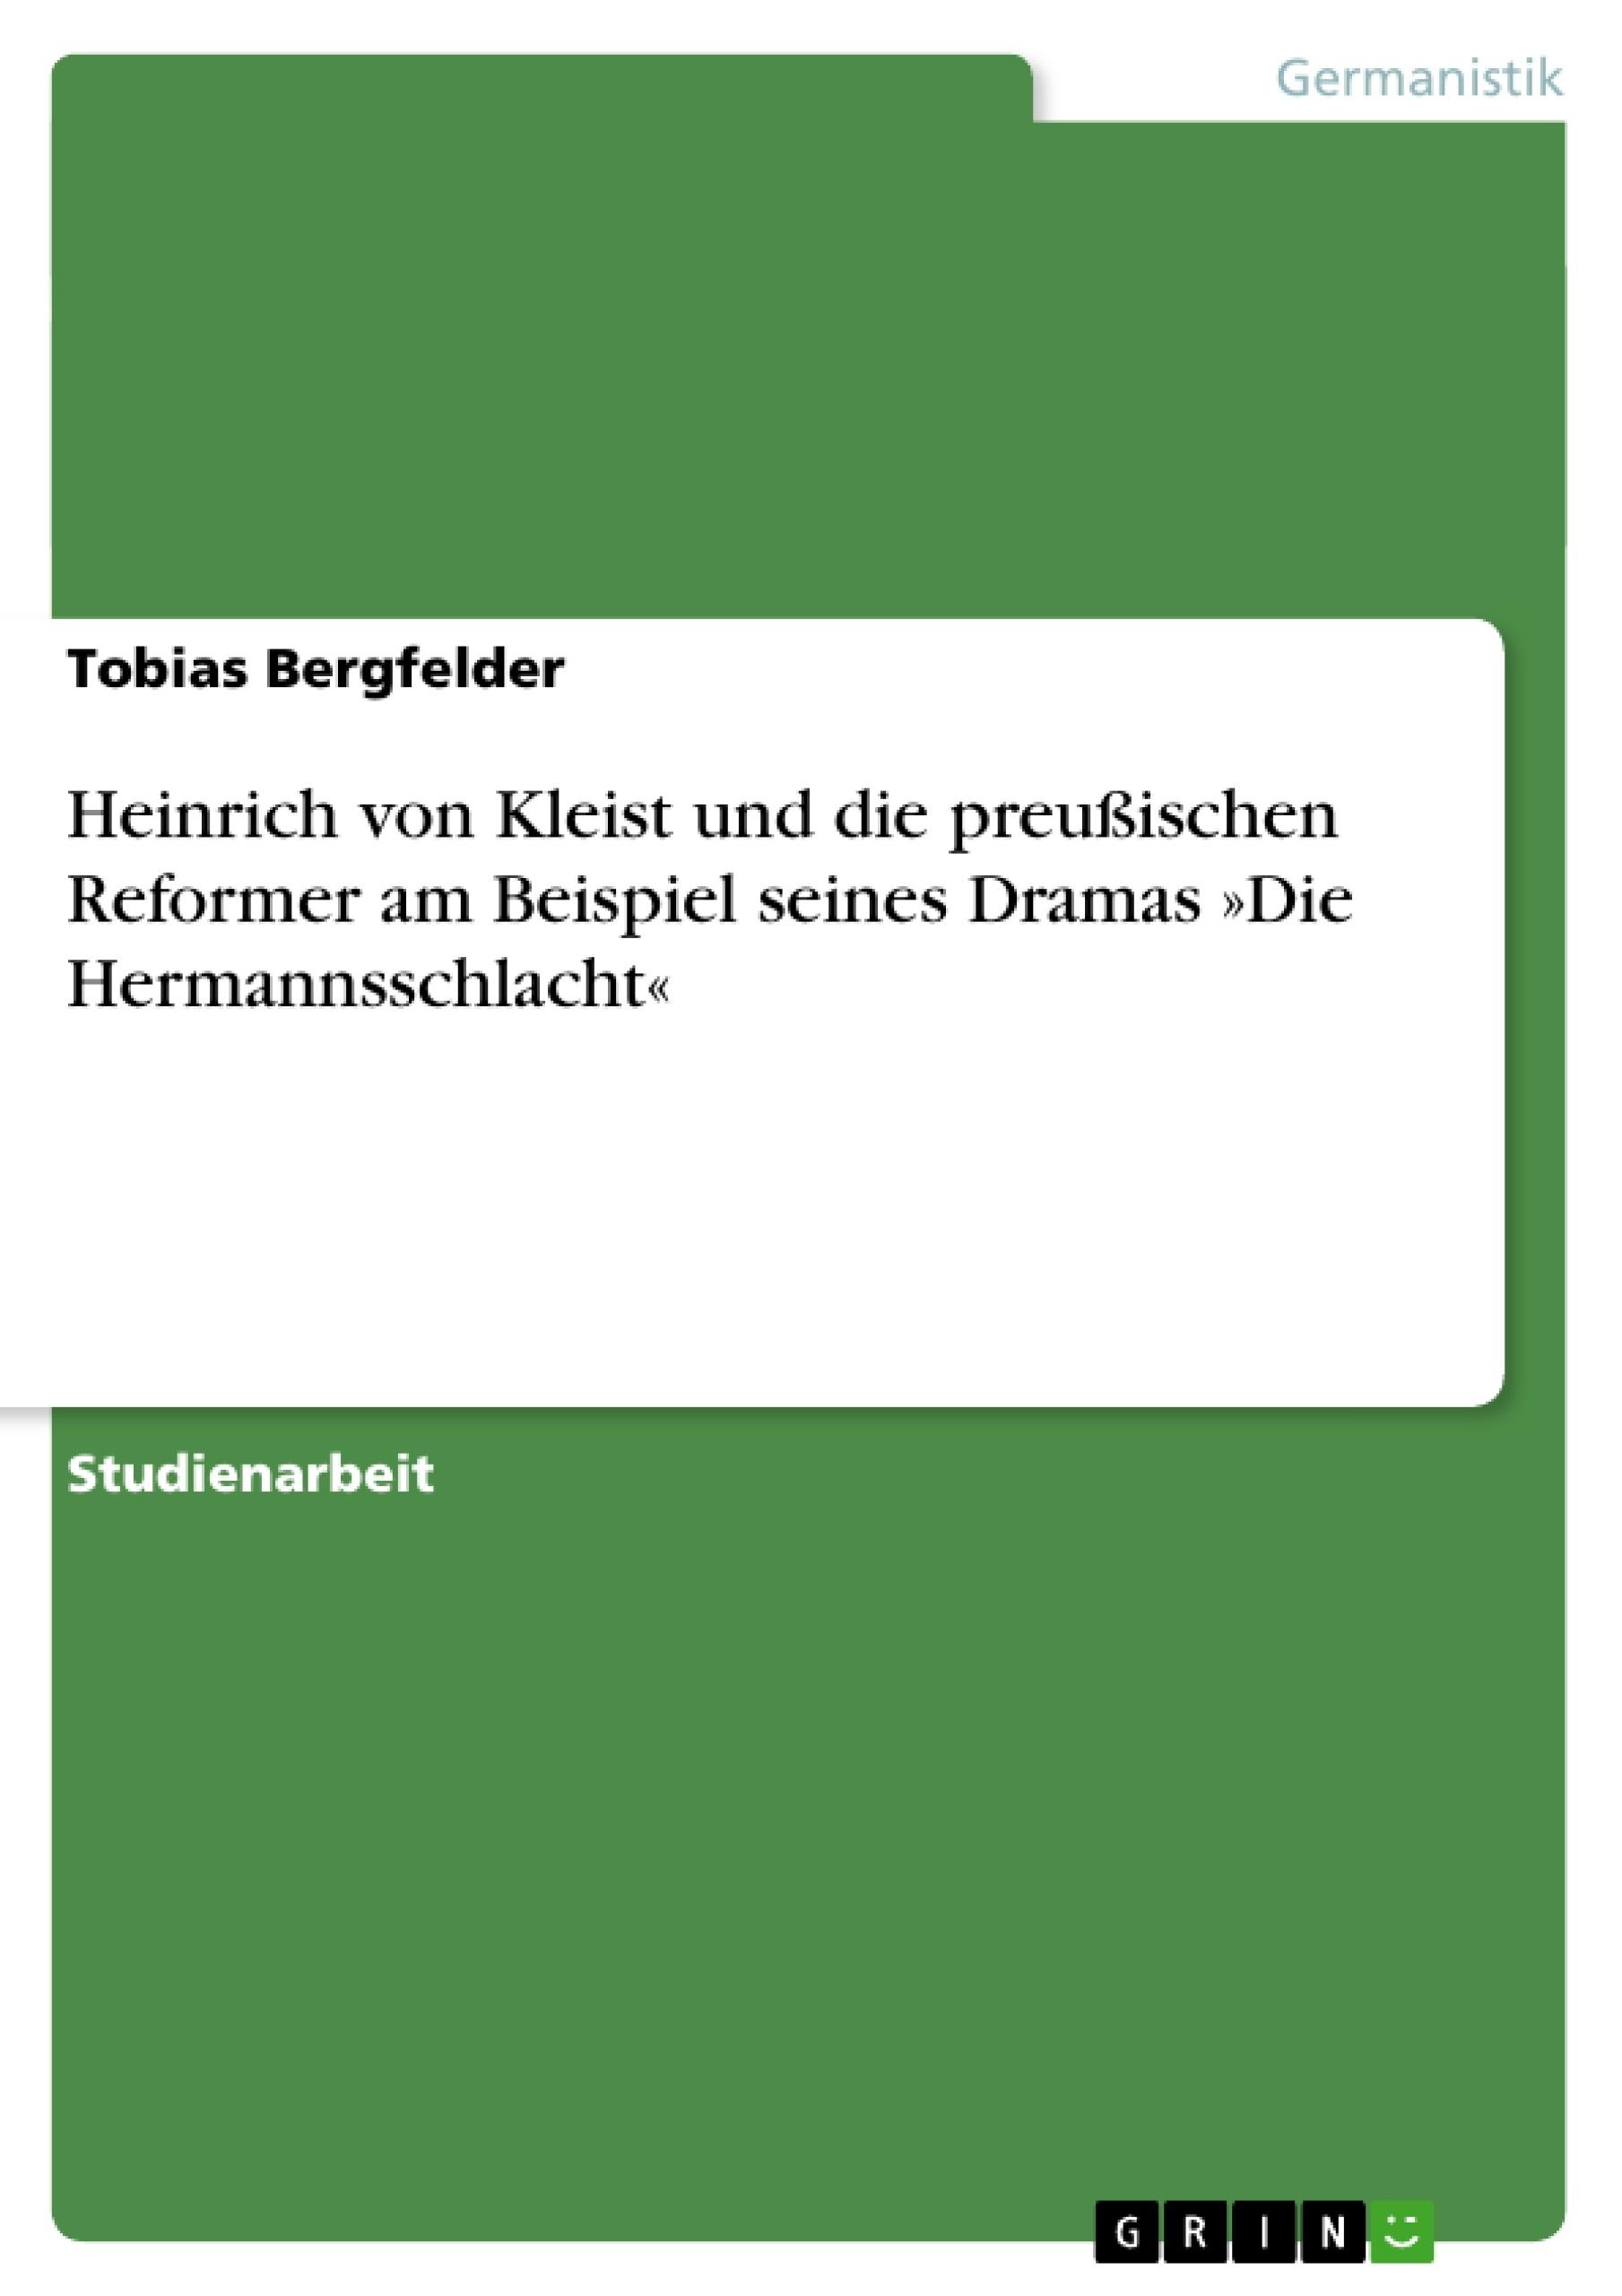 Titel: Heinrich von Kleist und die preußischen Reformer am Beispiel seines Dramas »Die Hermannsschlacht«